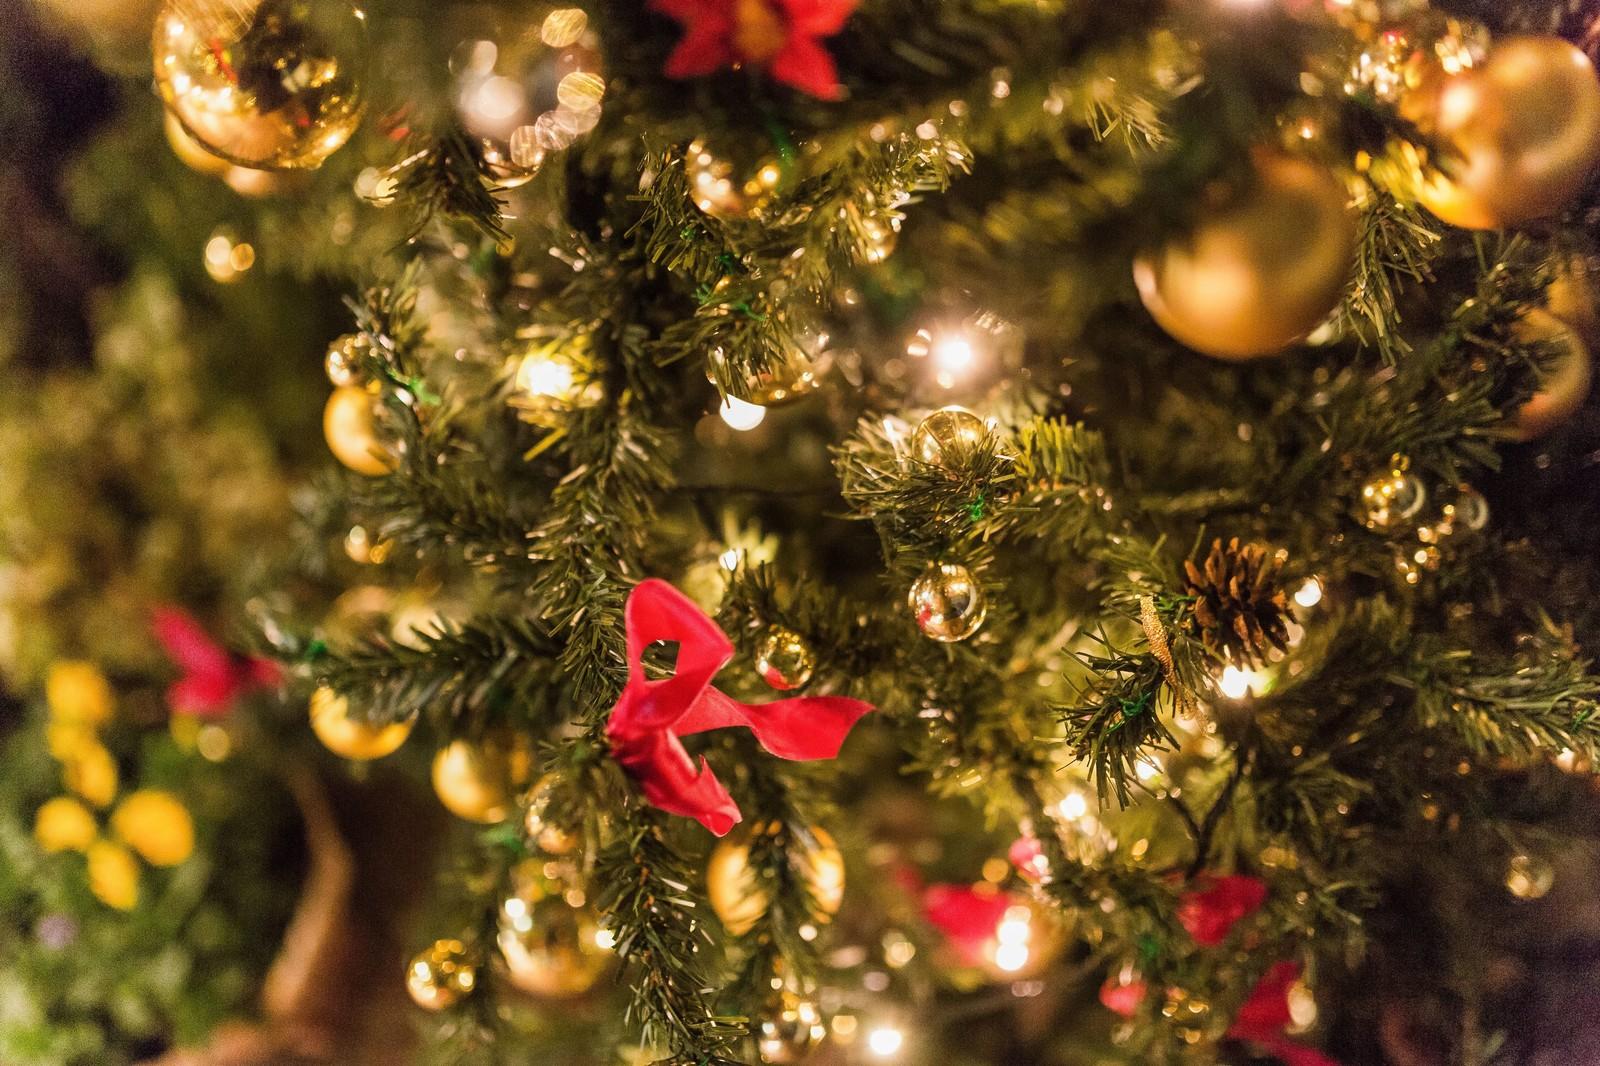 209日目!ちかまの恋愛ダイエットブログ〜横浜・みなとみらいクリスマス編①移動手段編〜